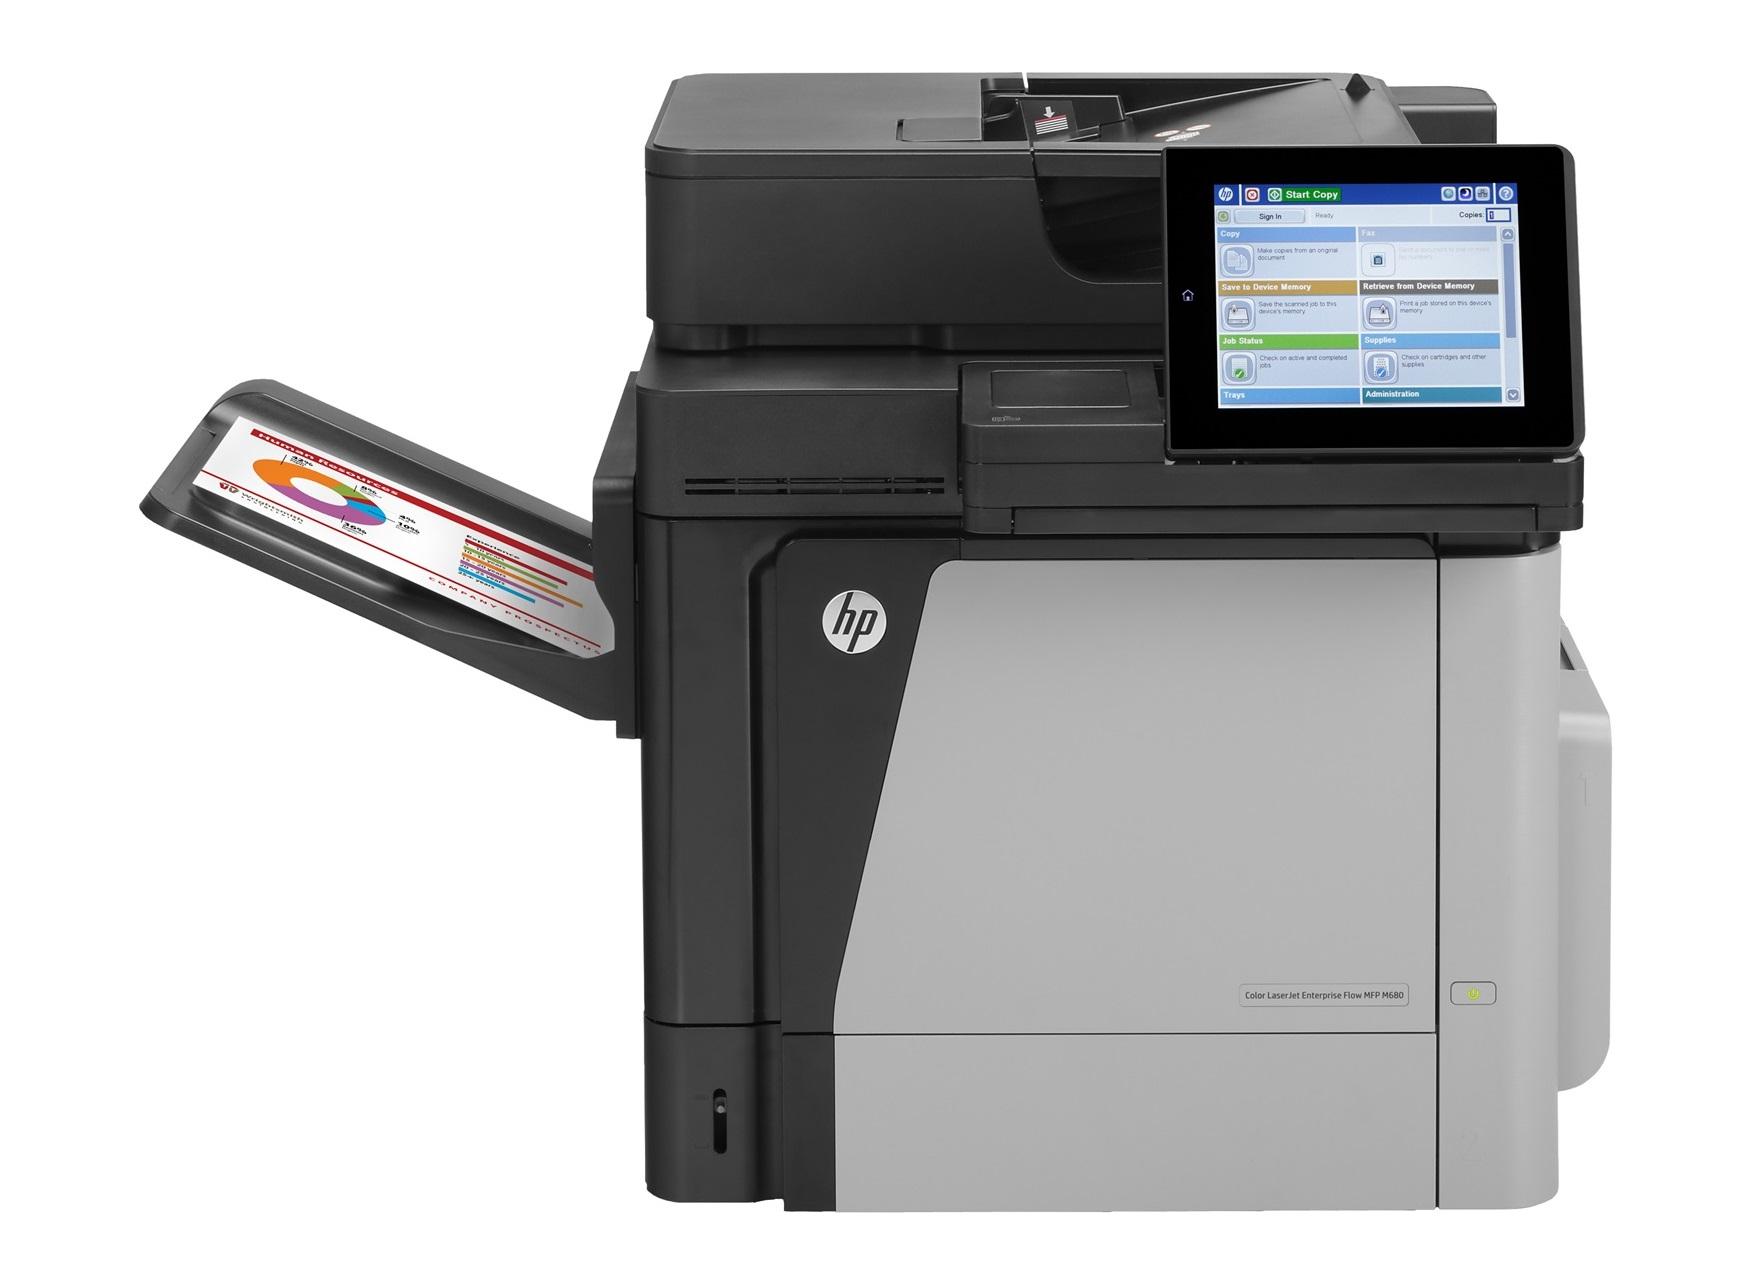 HP LaserJet Managed MFP M680dnm Laser A4 Black,Grey